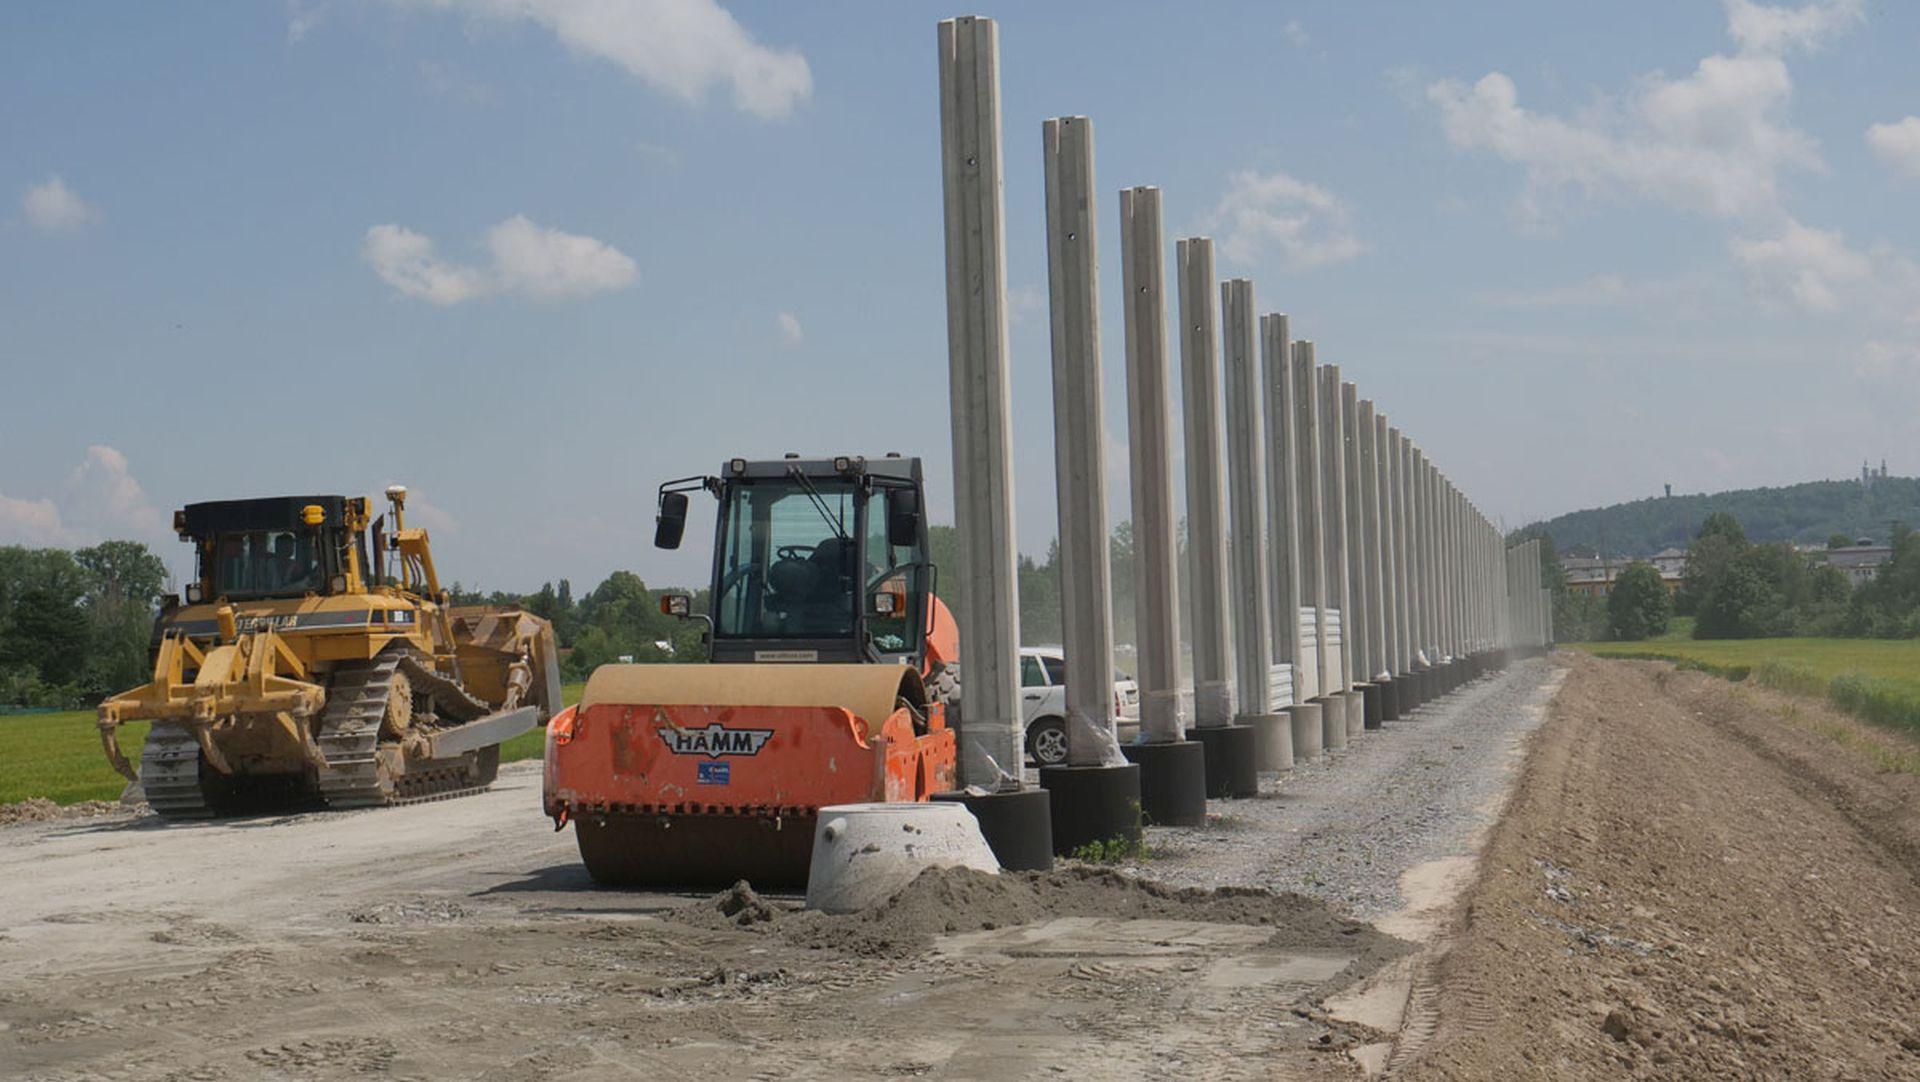 Stavba obchvatu Krnova. Foto: Ředitelství silnic a dálnic